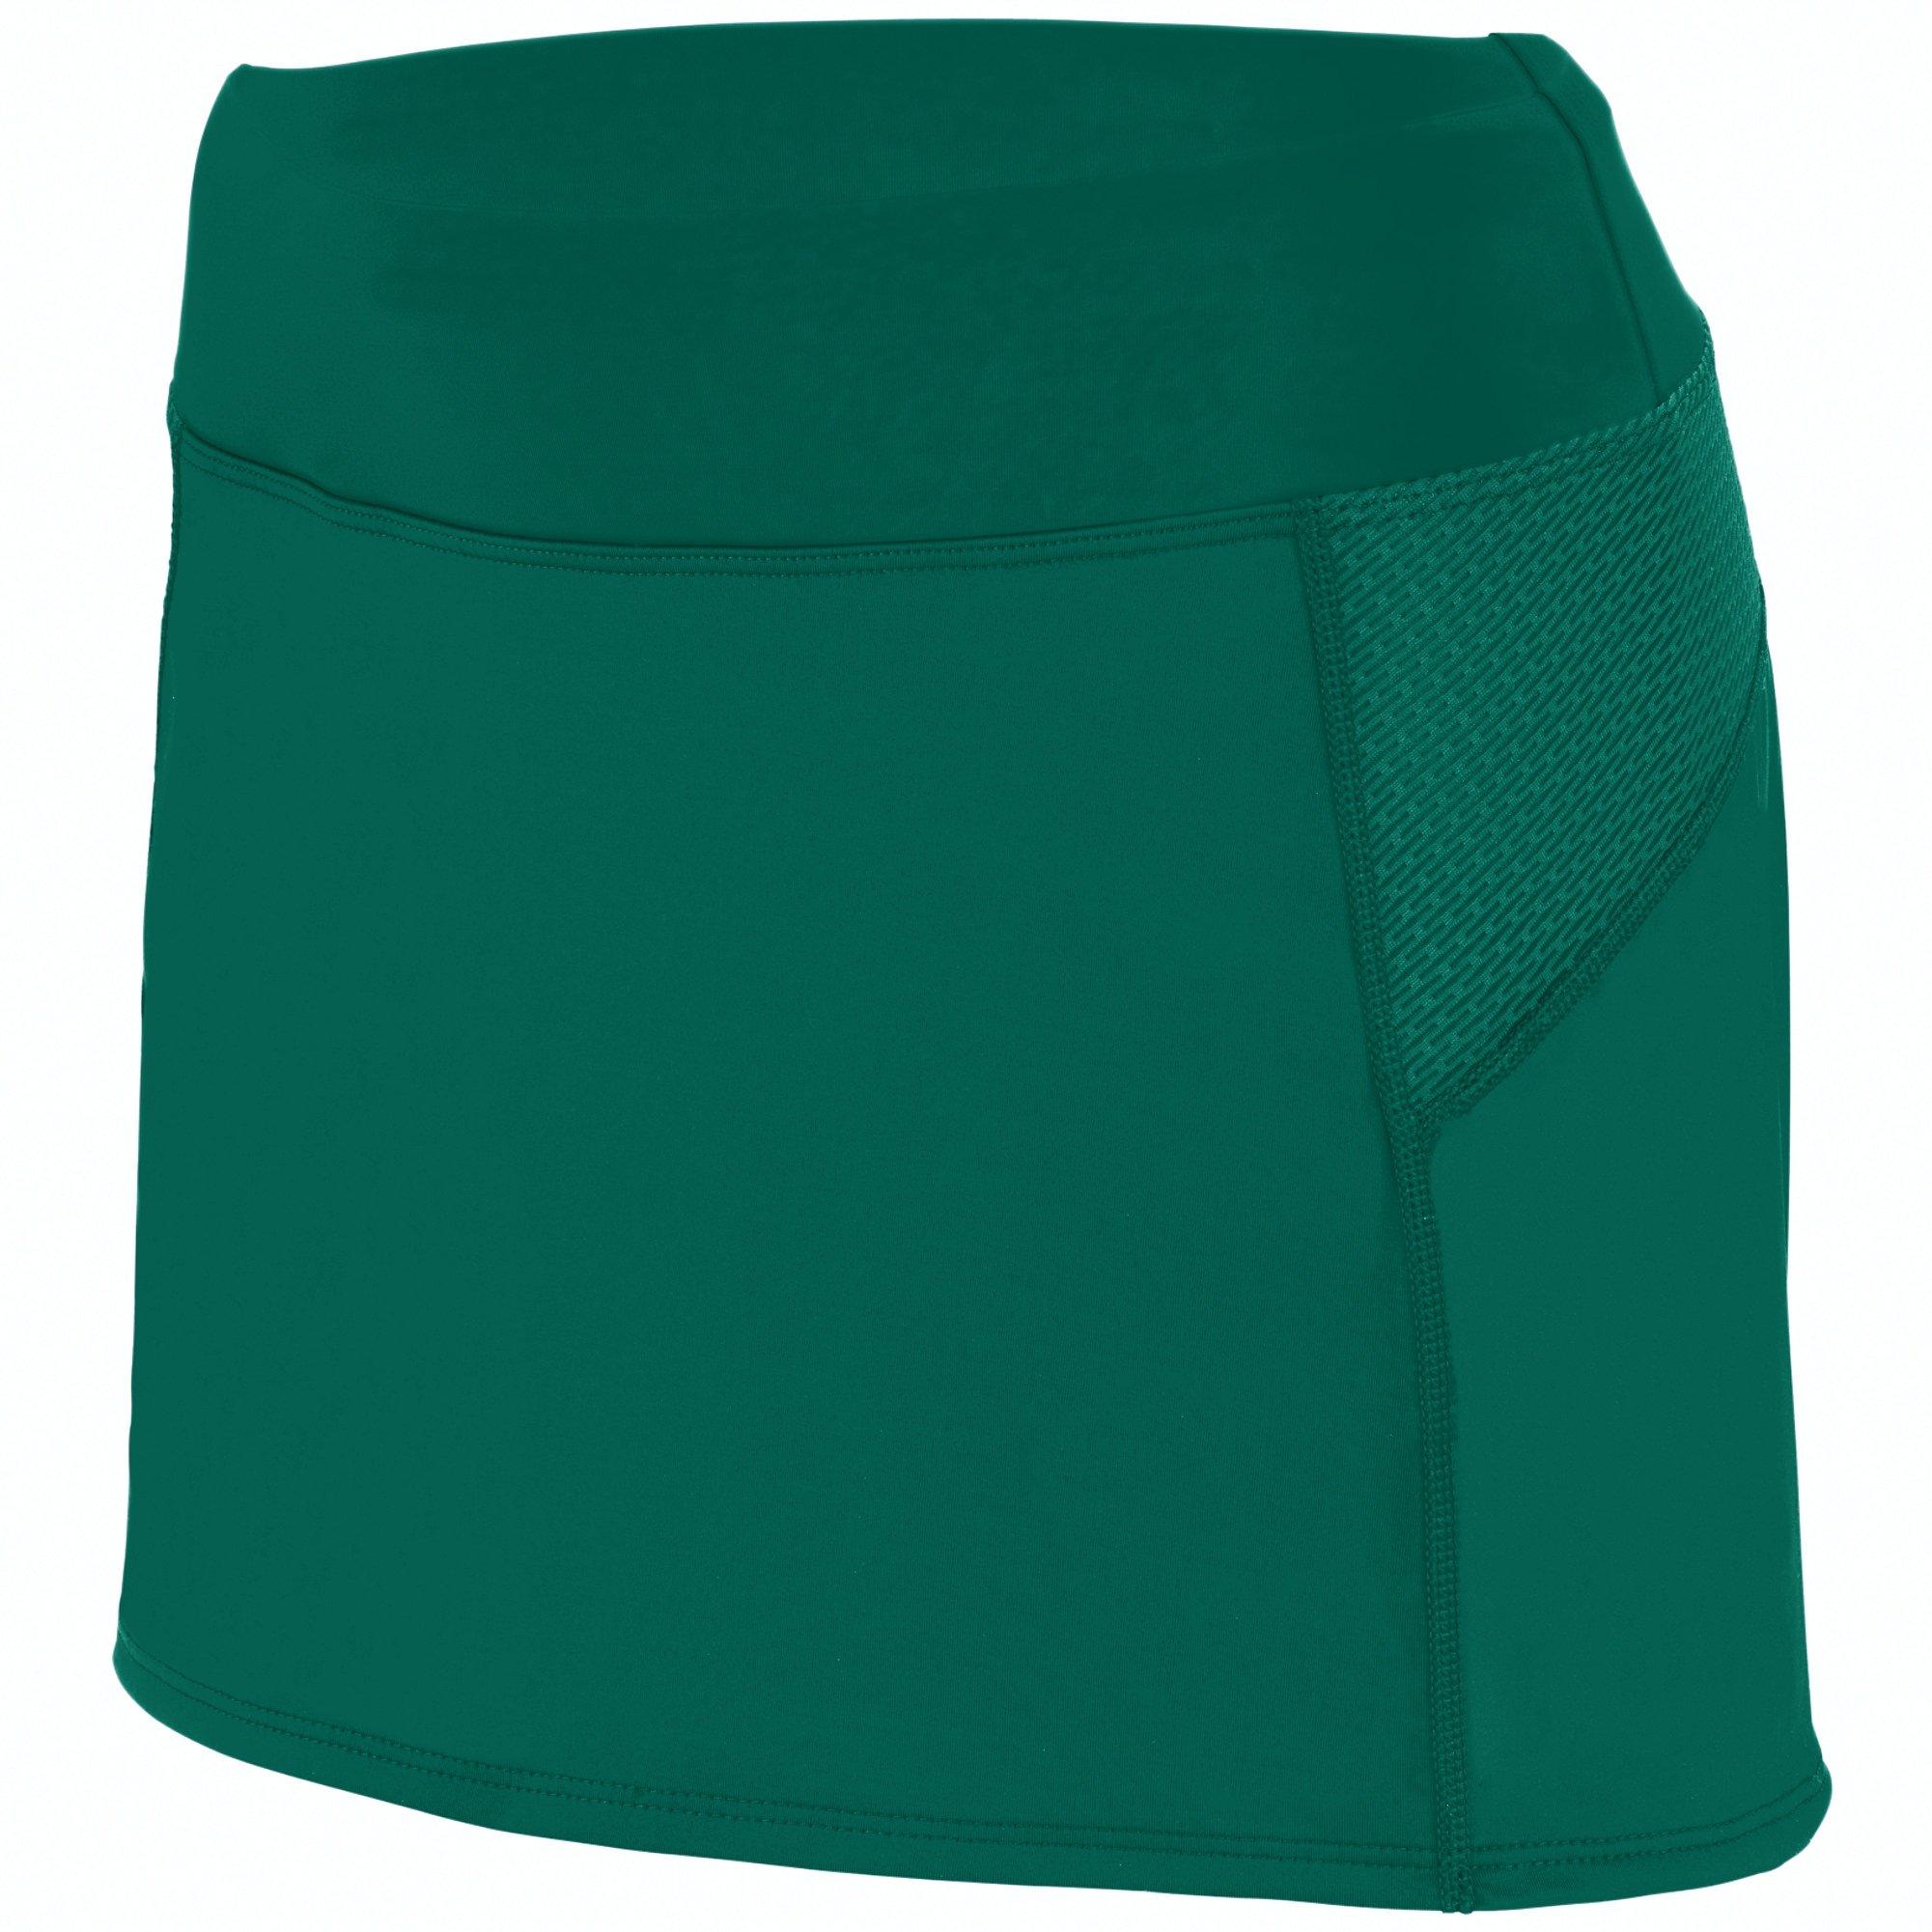 Augusta Sportswear Girls Femfit Skort S Dark Green/Graphite by Augusta Sportswear